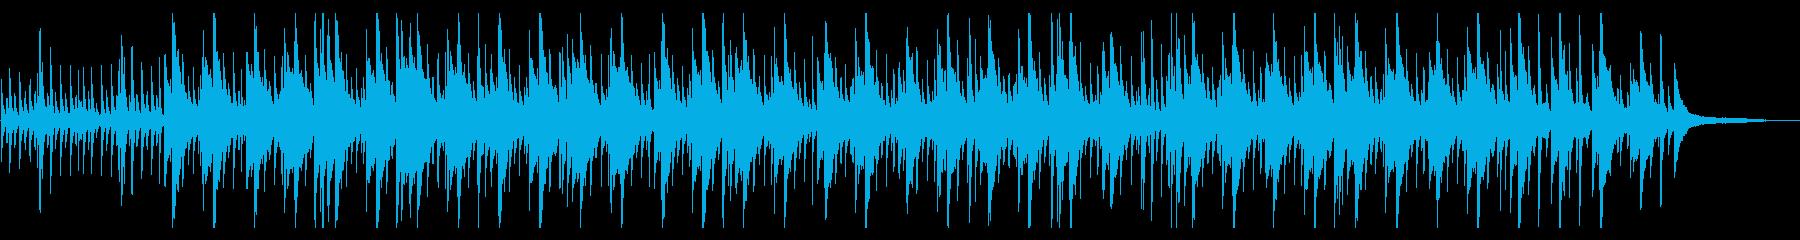 ピアノソロおしゃれジャズ和音の再生済みの波形